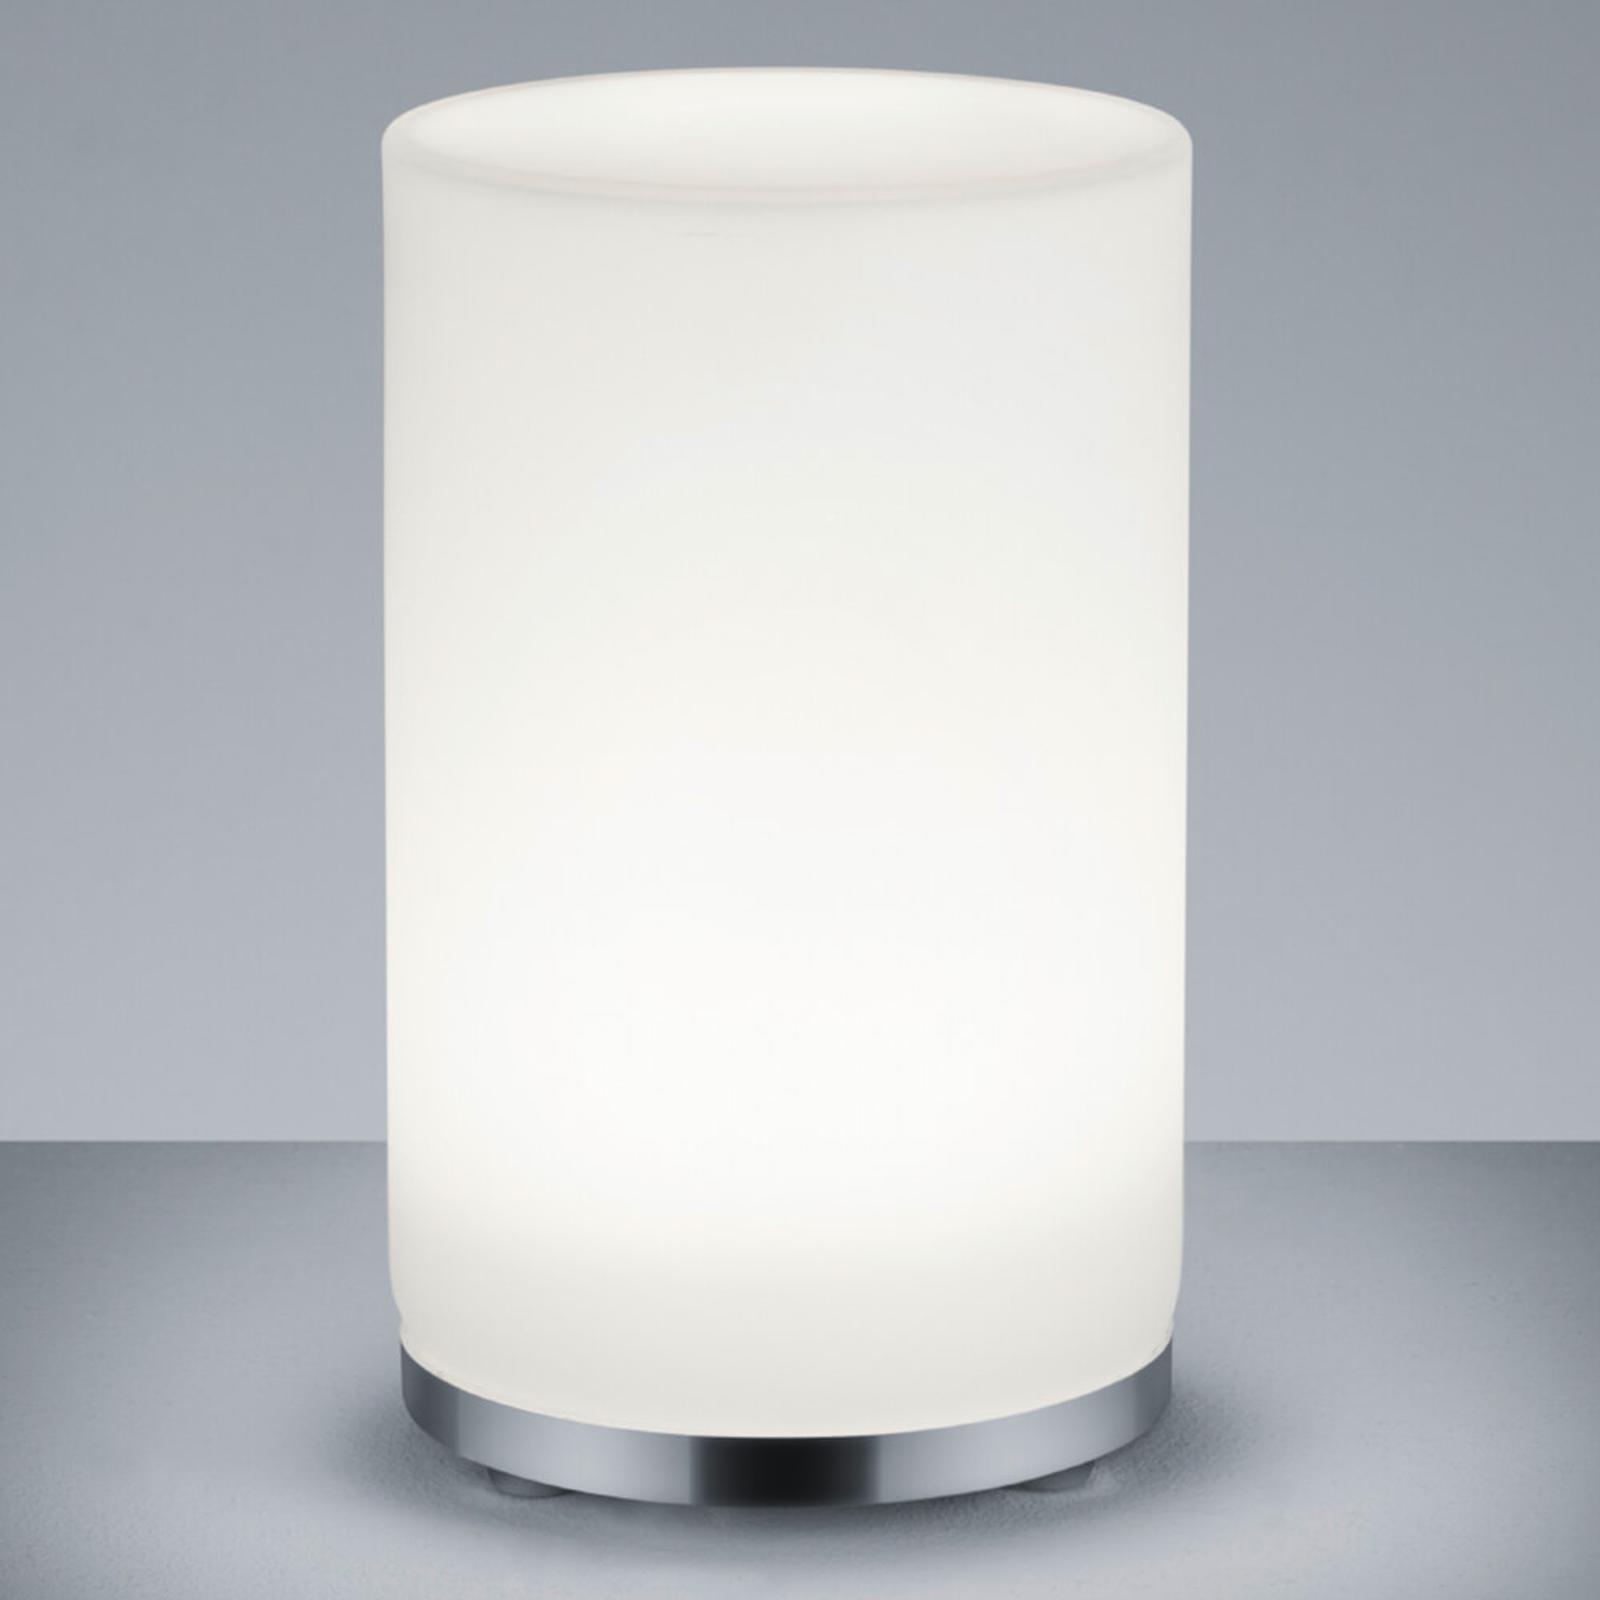 Cilindervormige RGBW-LED tafellamp John m afstands